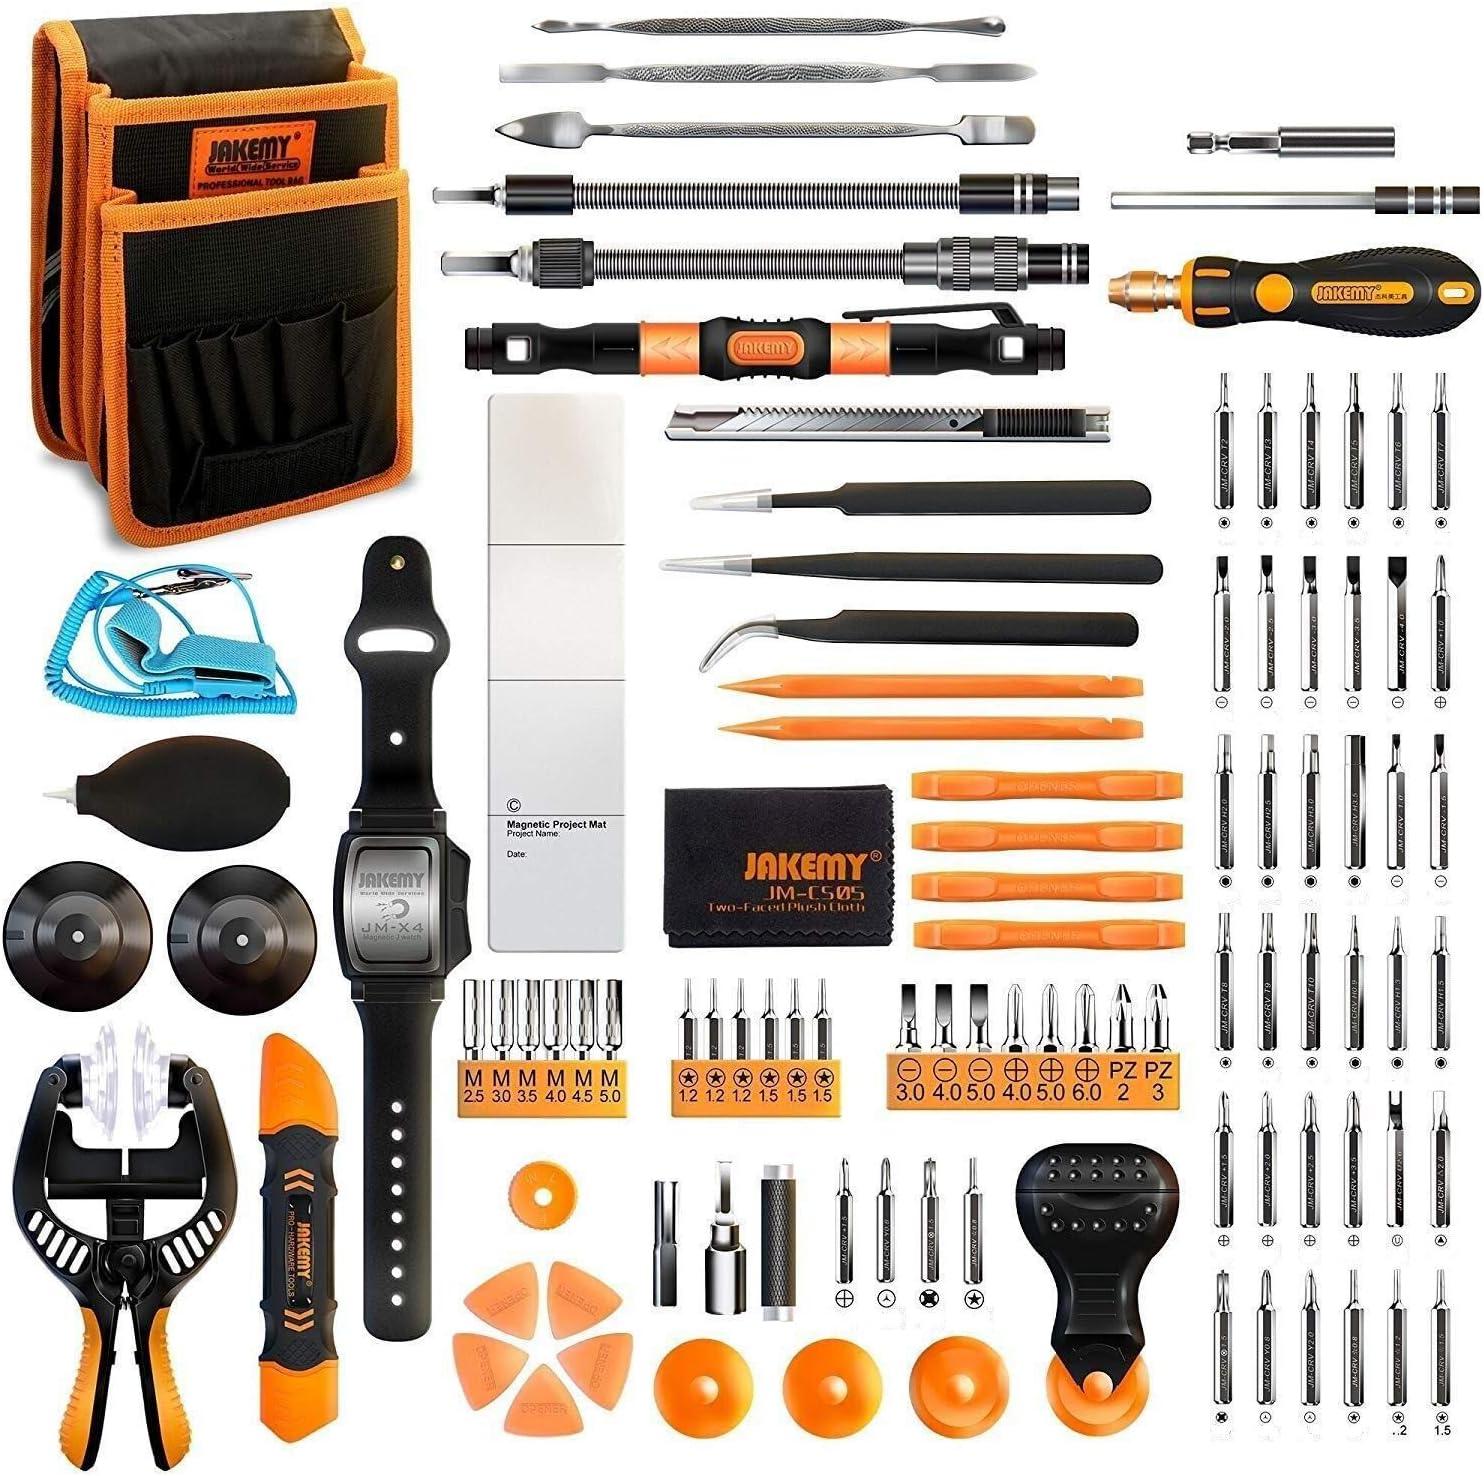 Repair Tool kit with Pocket Tool Bag